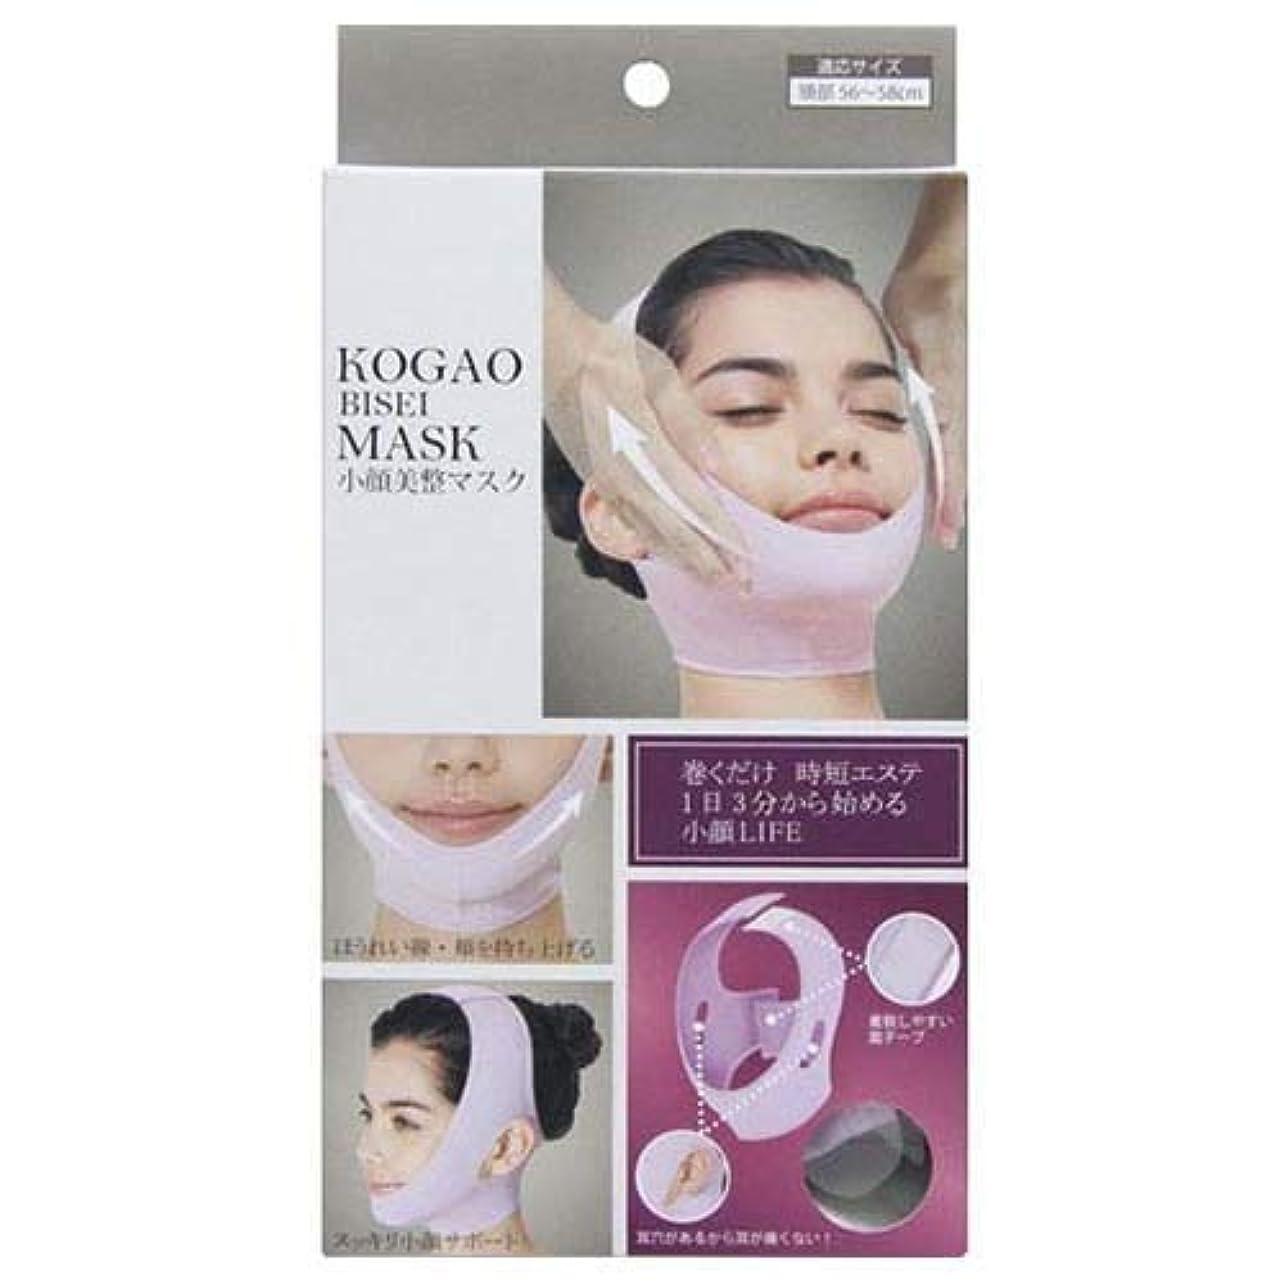 ドループハードウェア巻き戻す小顔美整マスク